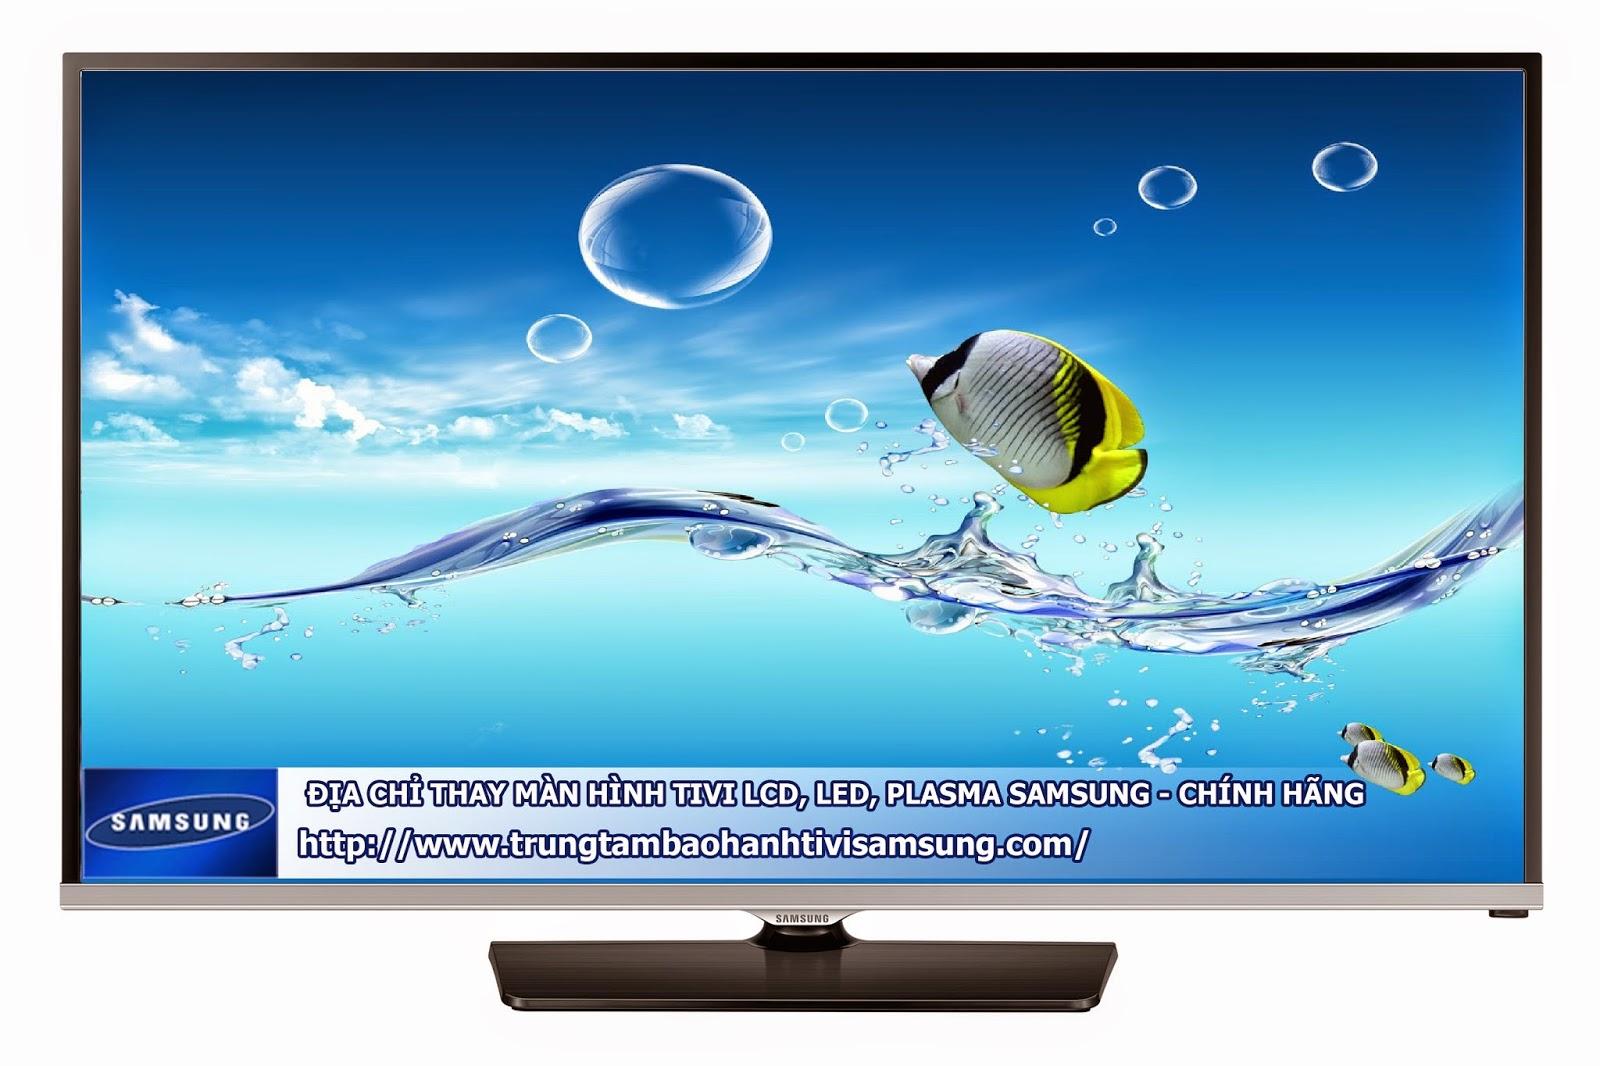 Thay màn hình tivi led, lcd, plasma Samsung - Chính hãng